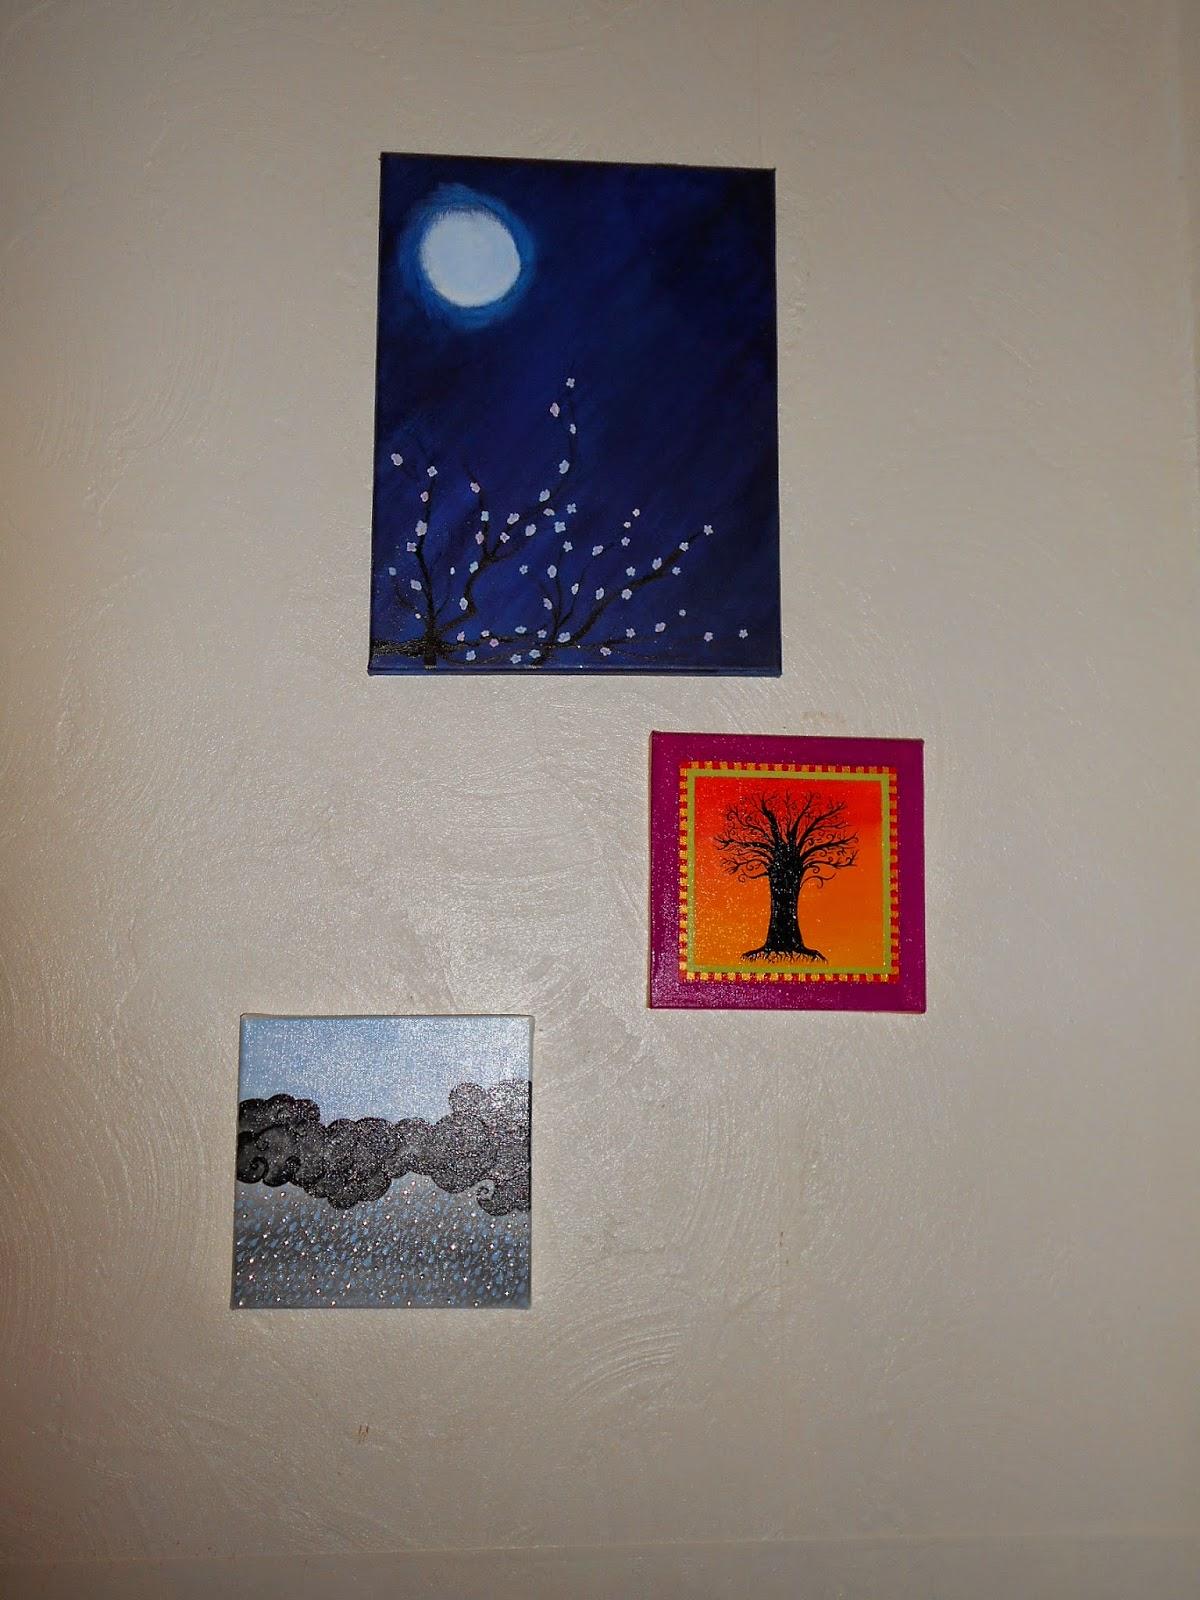 http://lunalithe.blogspot.fr/2014/12/quelques-peintures.html